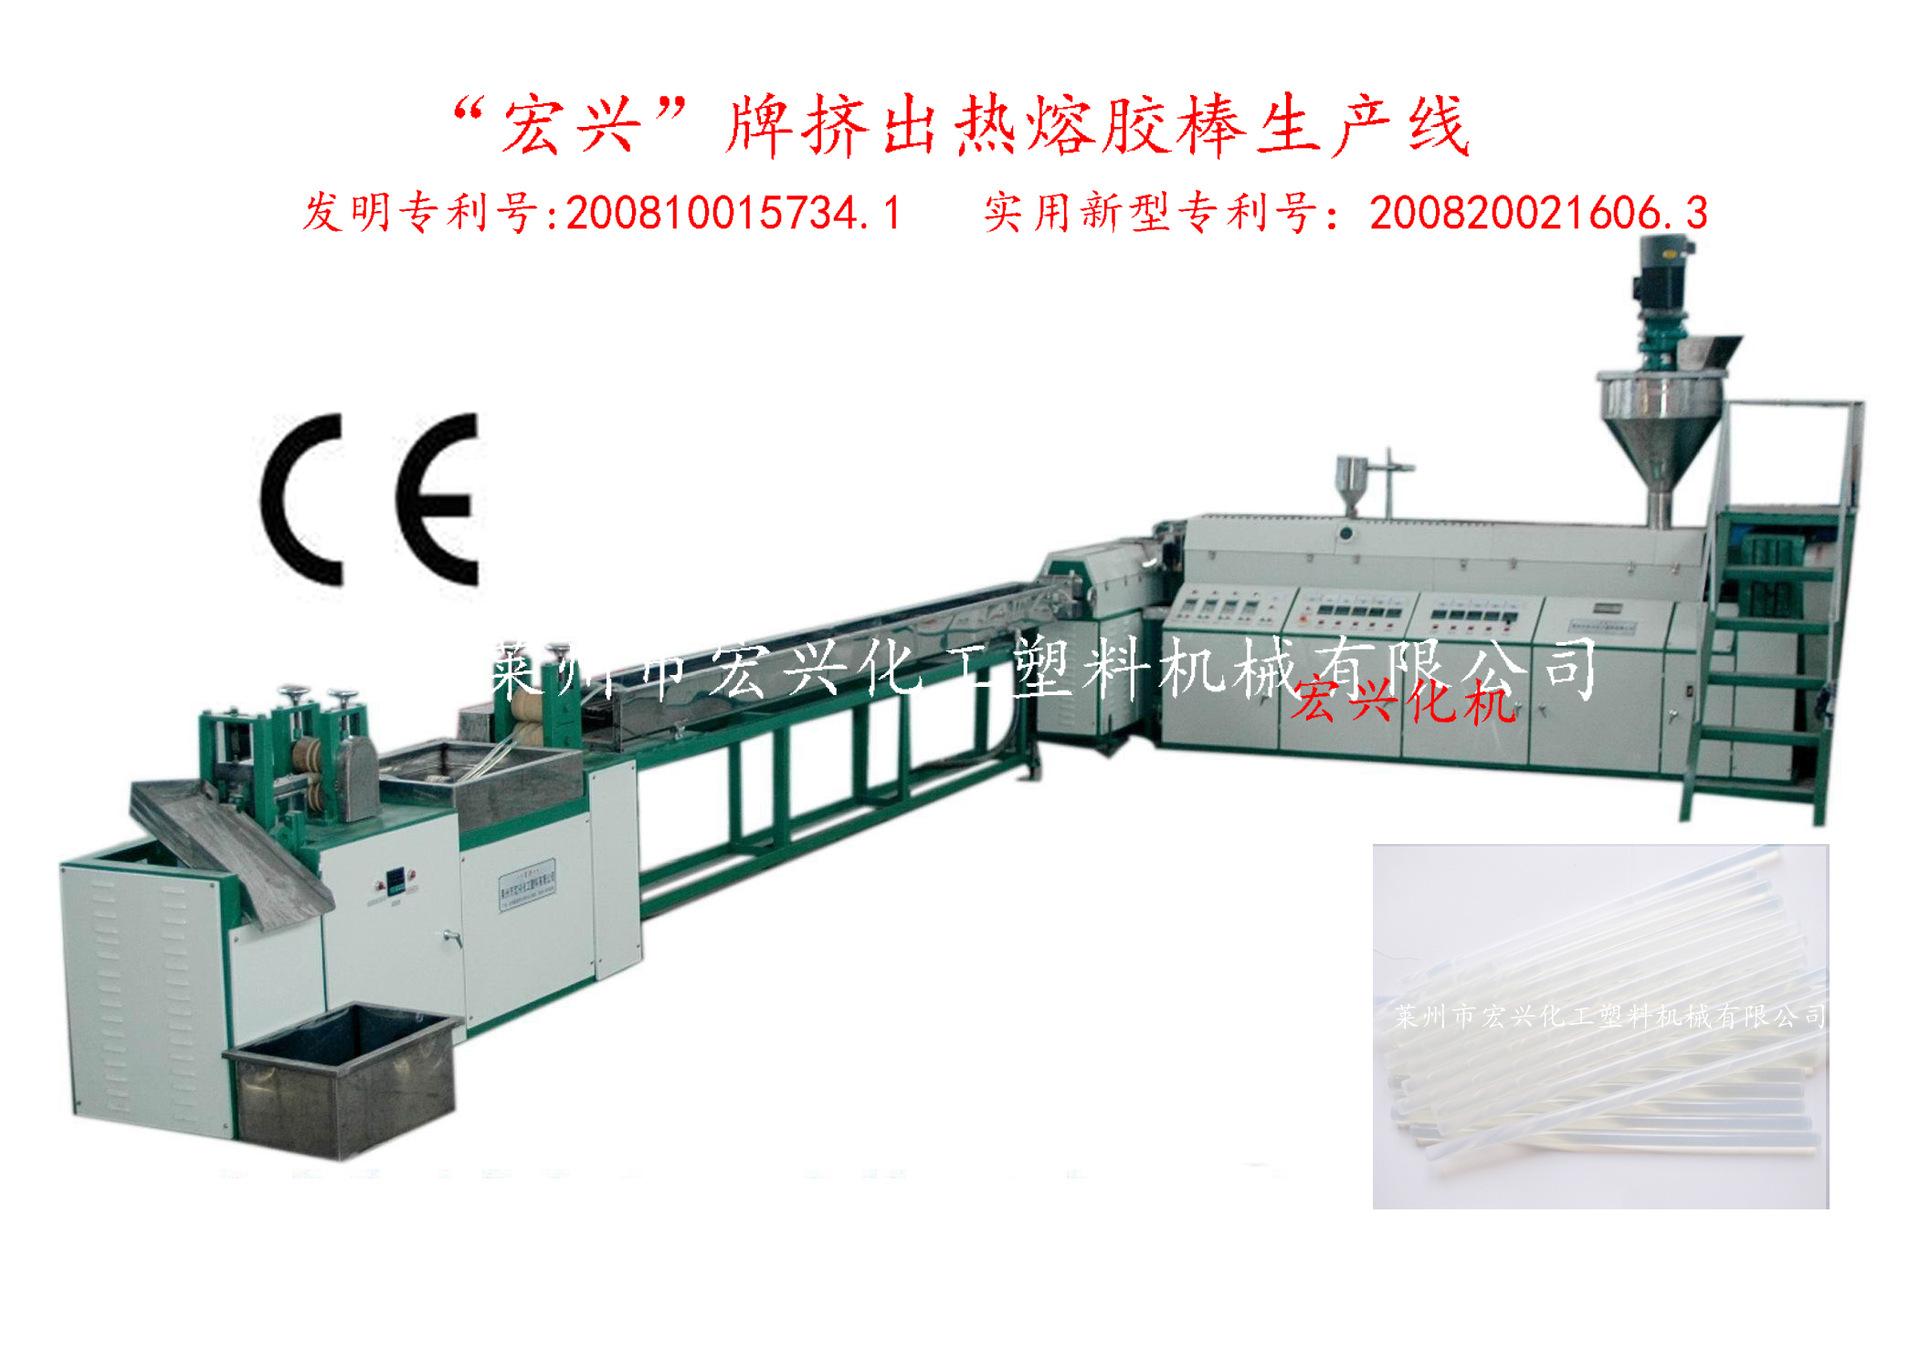 莱州宏兴SJB-90热熔胶棒成套设备-发明专利带技术配方